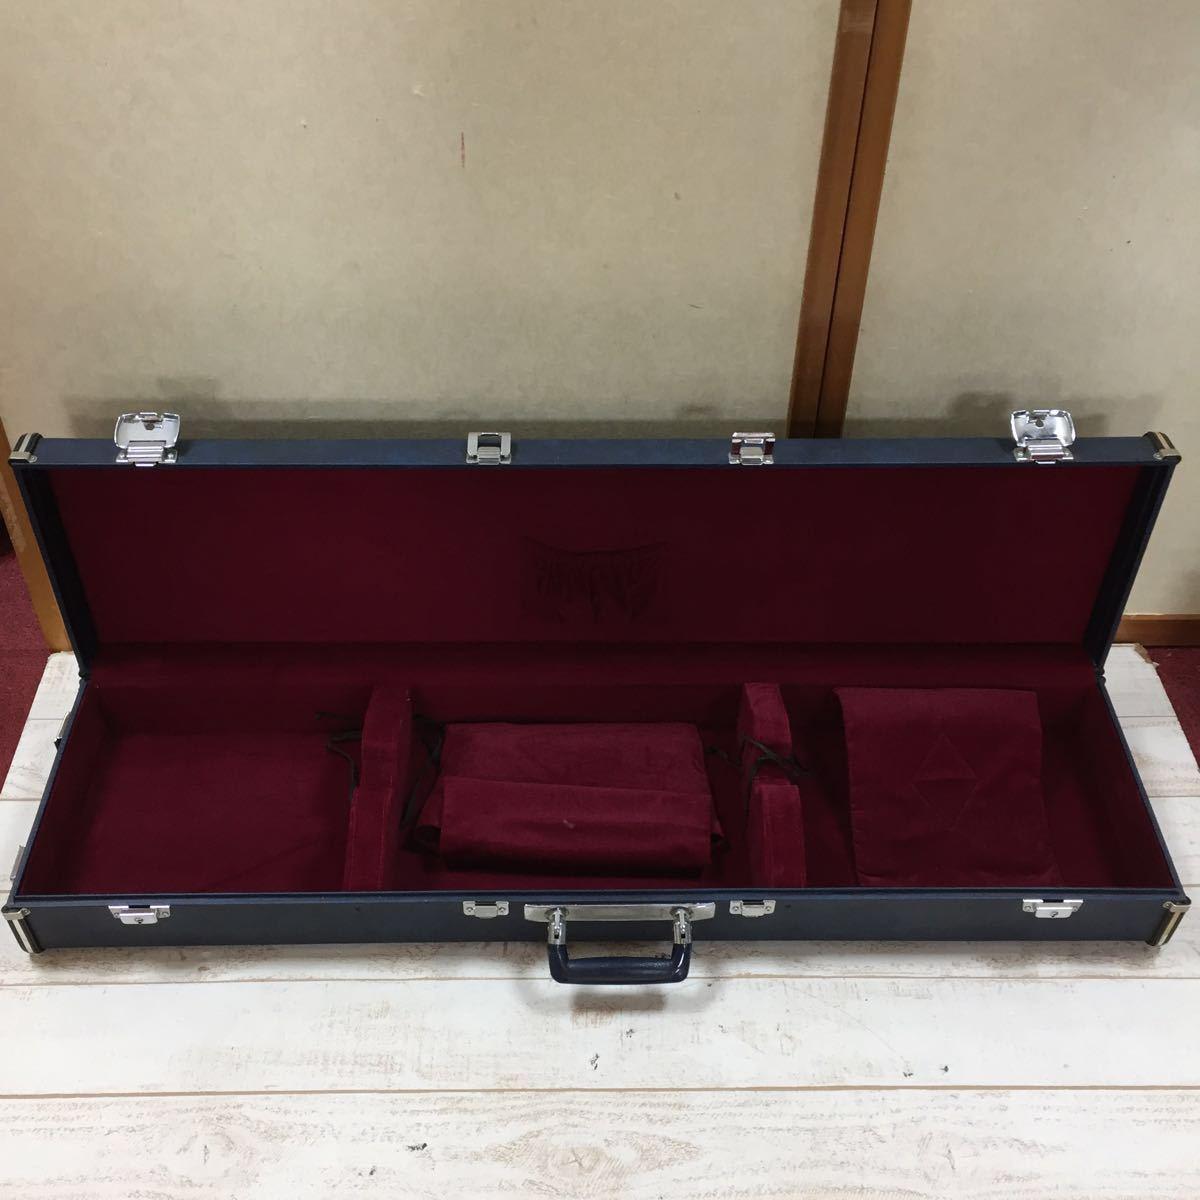 8449 三味線 ハードケース 鍵有り ブルー系 三味線ケース 全長約104cm 内長さ約101.5cm 和楽器 弦楽器 保管 持ち運び 長期保管 同梱NG▽